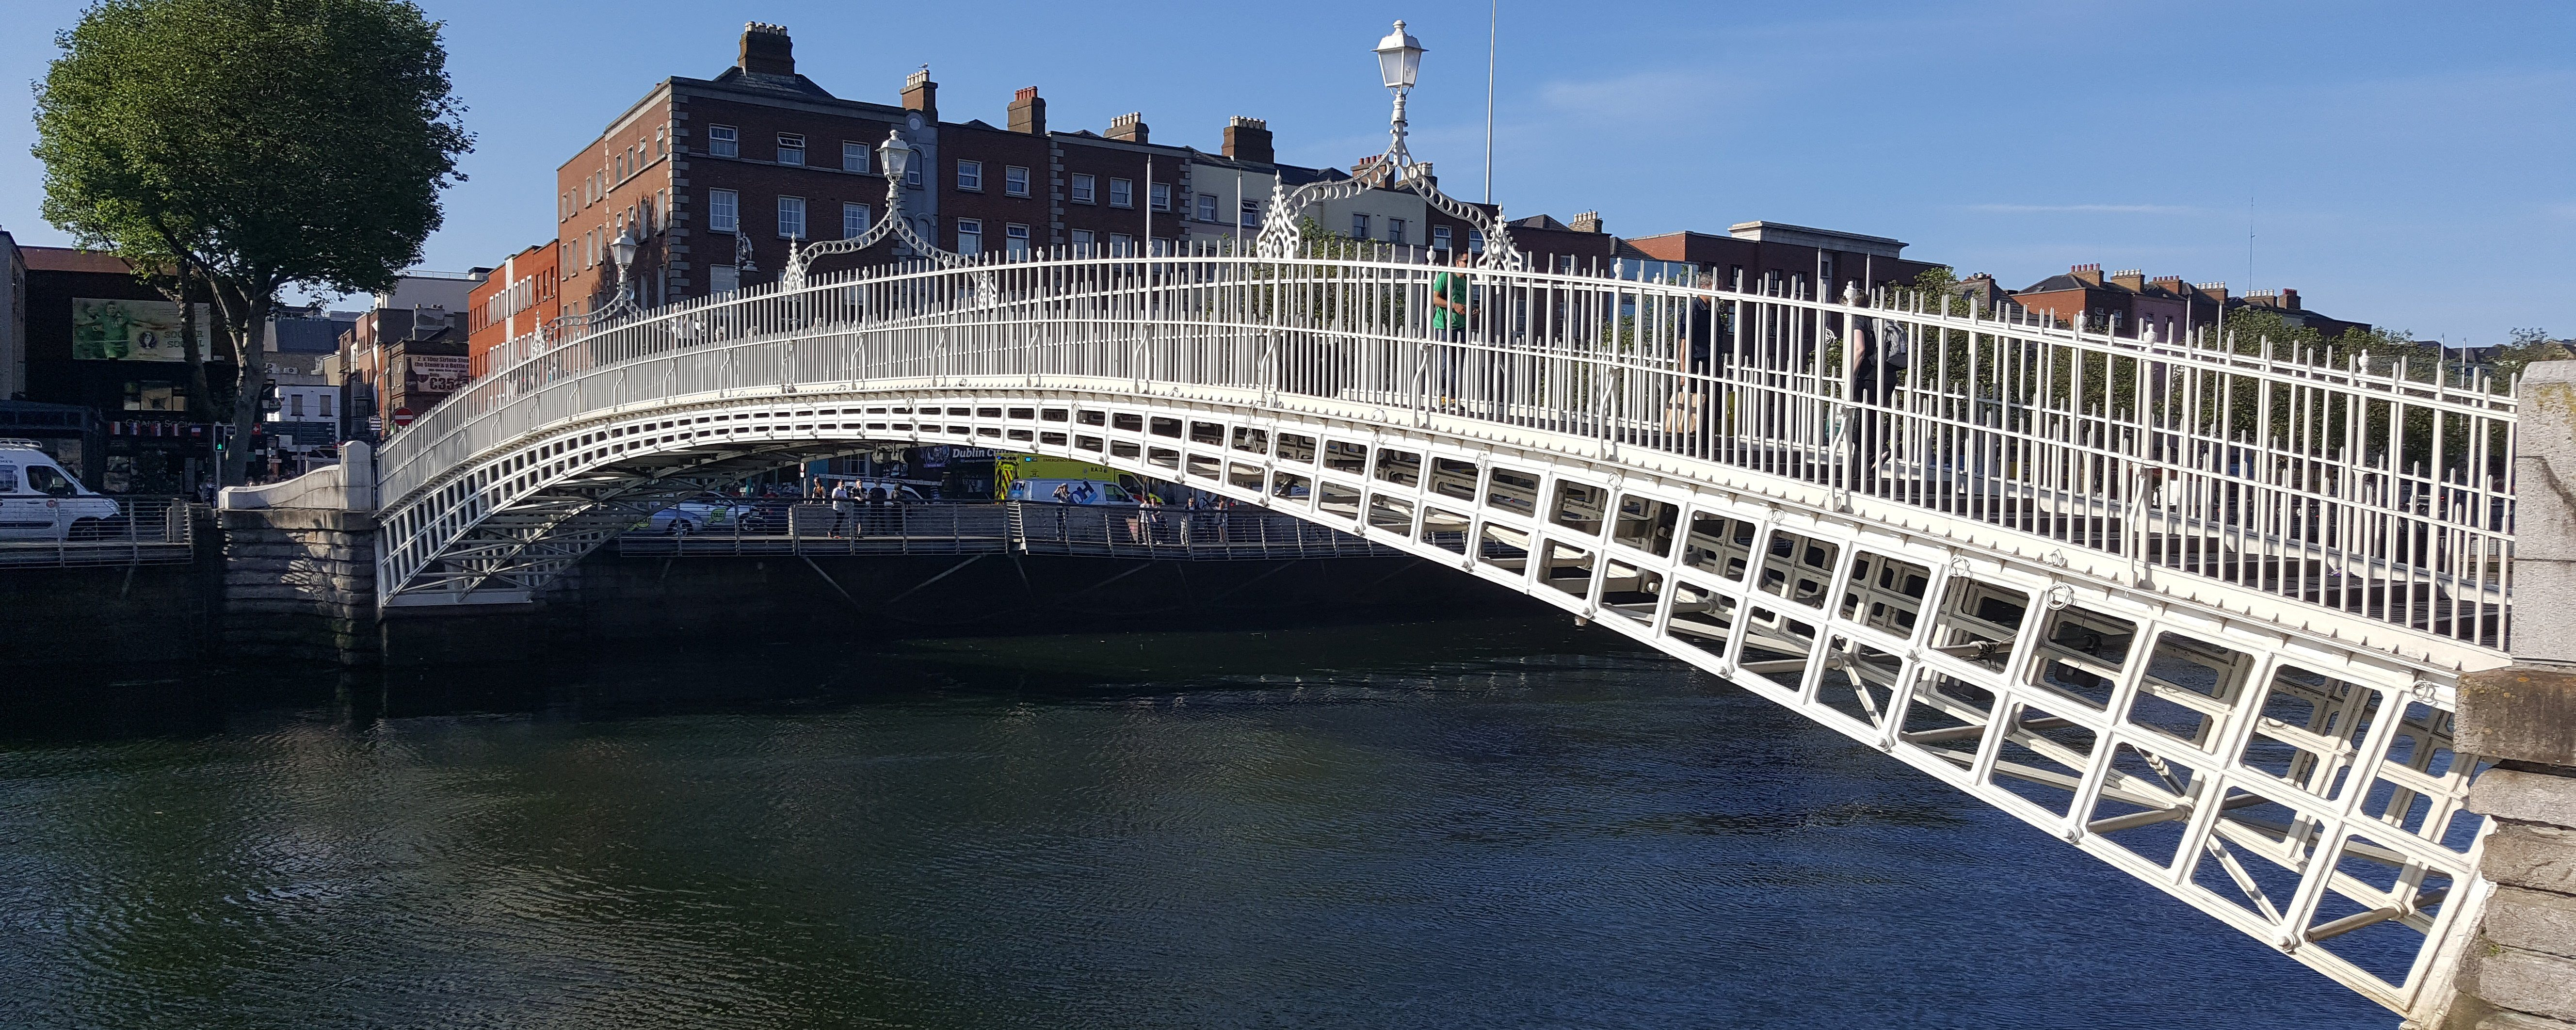 Ireland Insolvency Laws: No Quick Fix